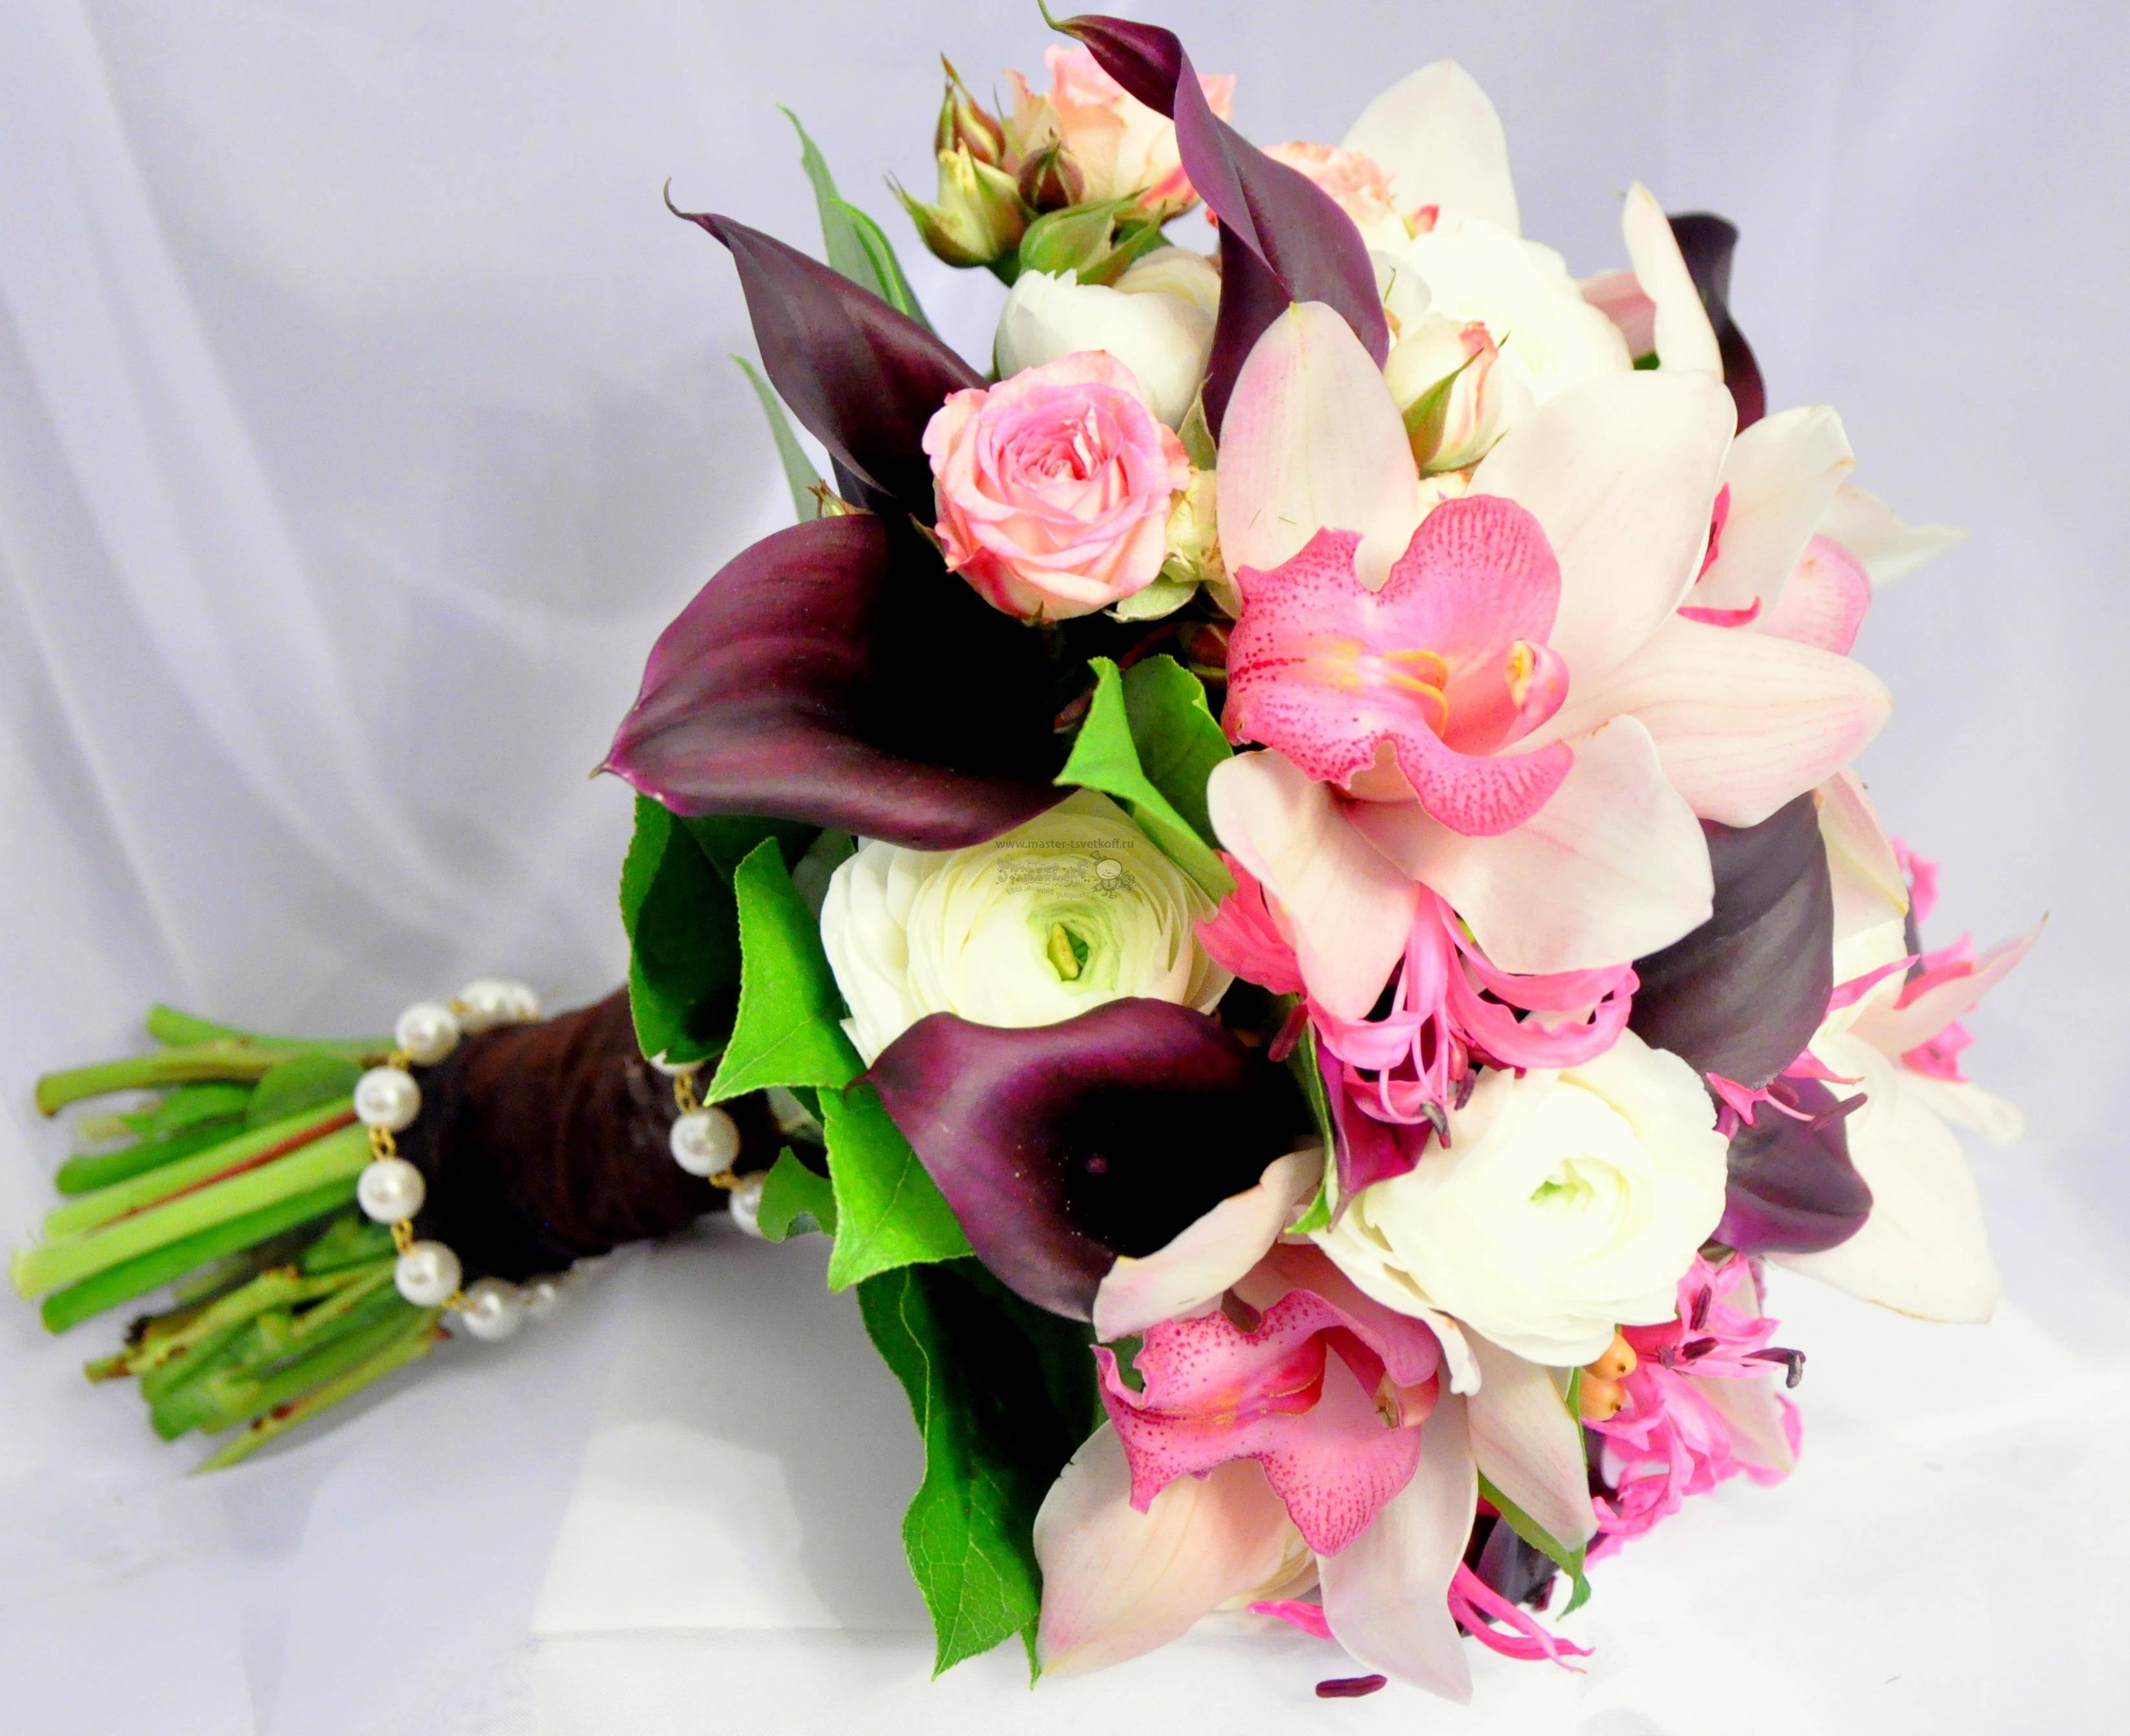 Самые красивые и модные букеты цветов 2020-2021 - фото,  модные тренды во флористике